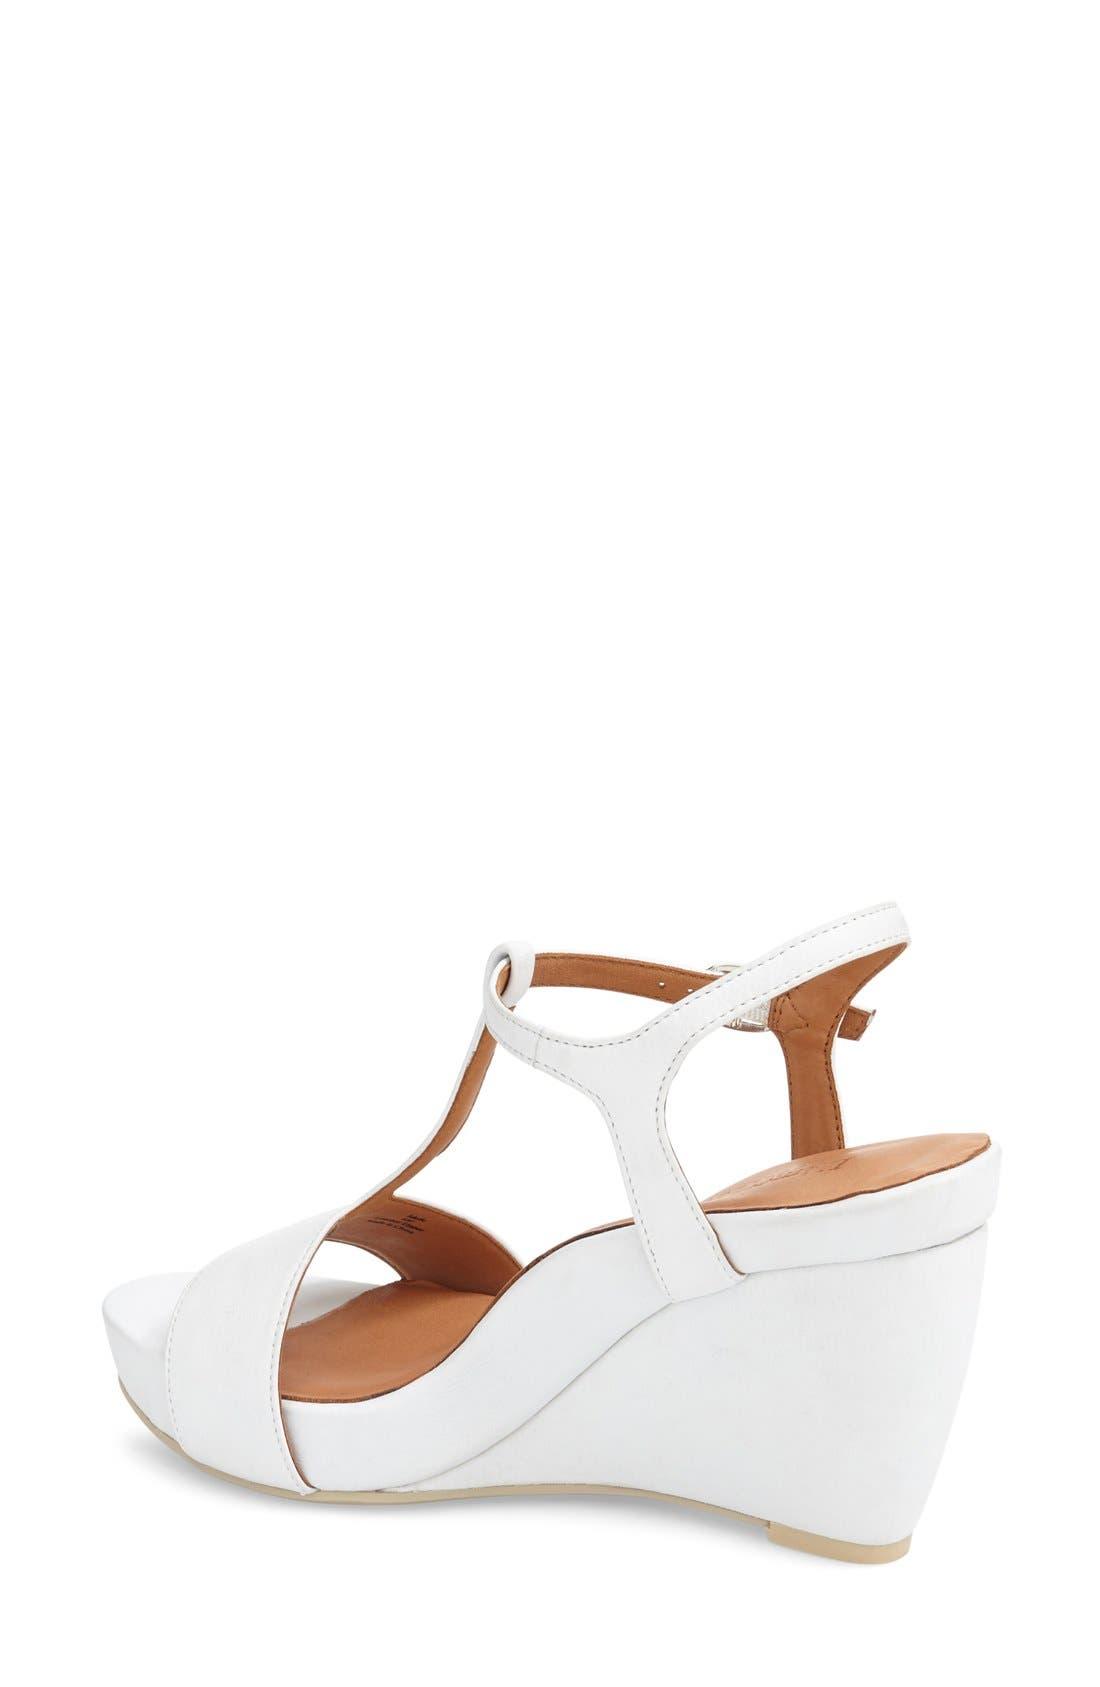 L'AMOUR DES PIEDS, Idelle' Platform Wedge Sandal, Alternate thumbnail 2, color, WHITE LEATHER